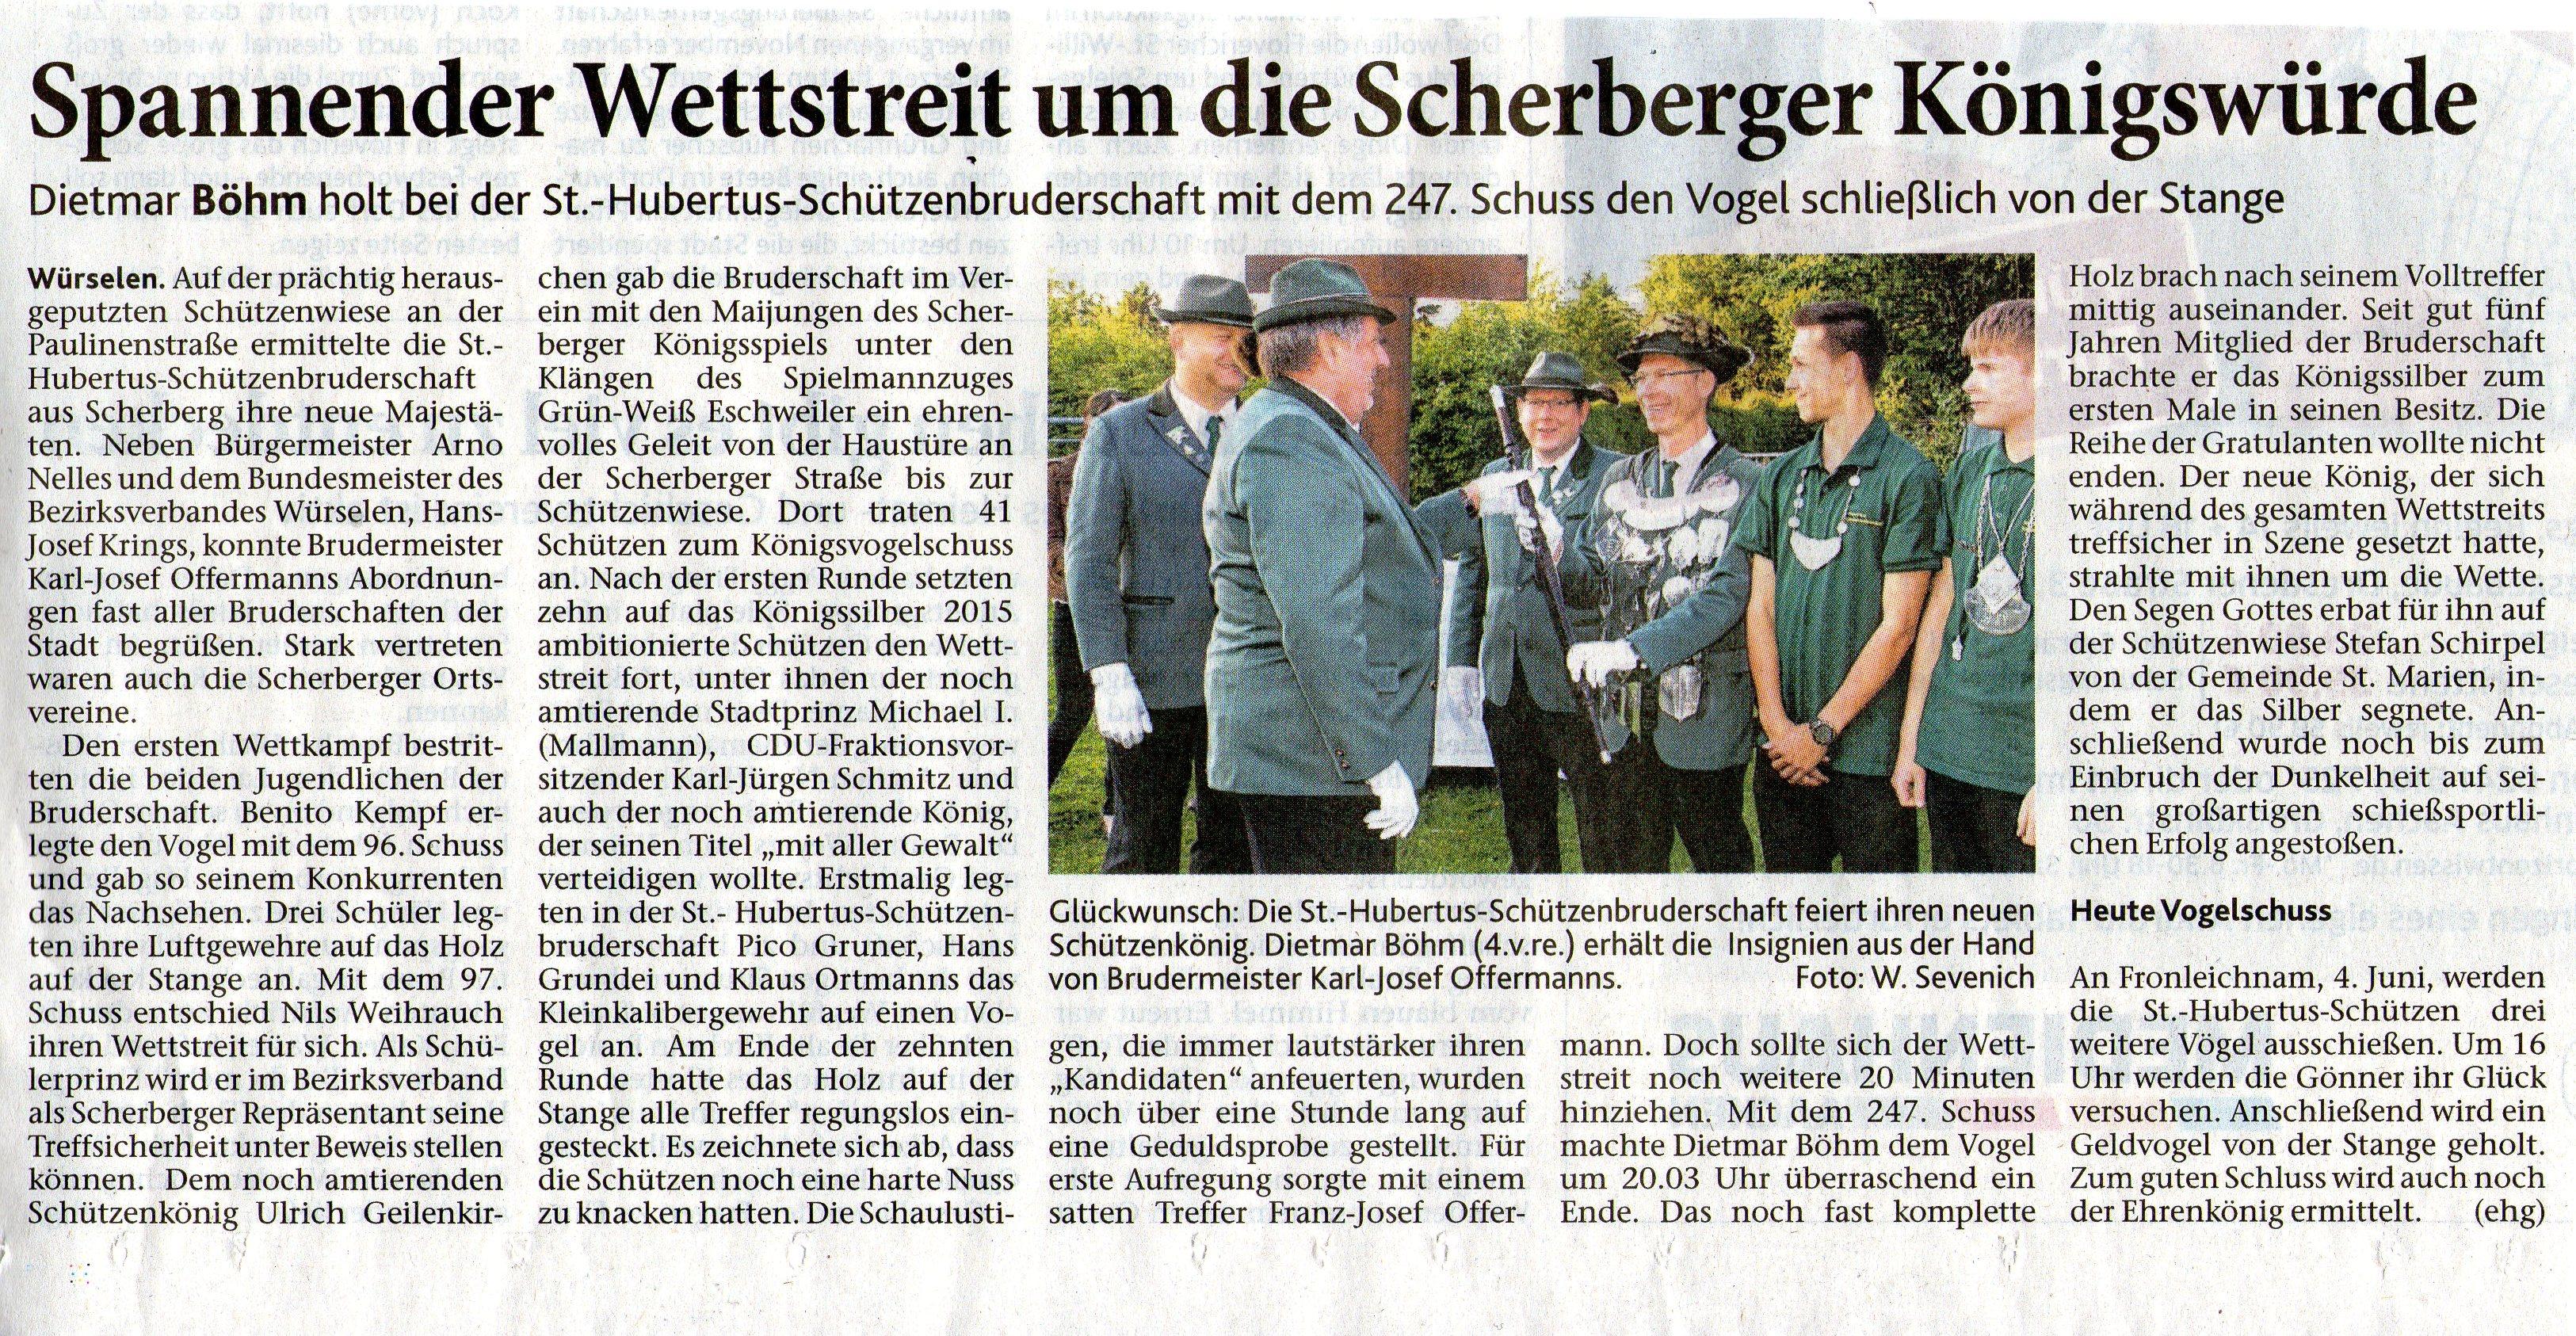 Zeitungsbericht über Schützenkönig 2015 Dietmar Böhm